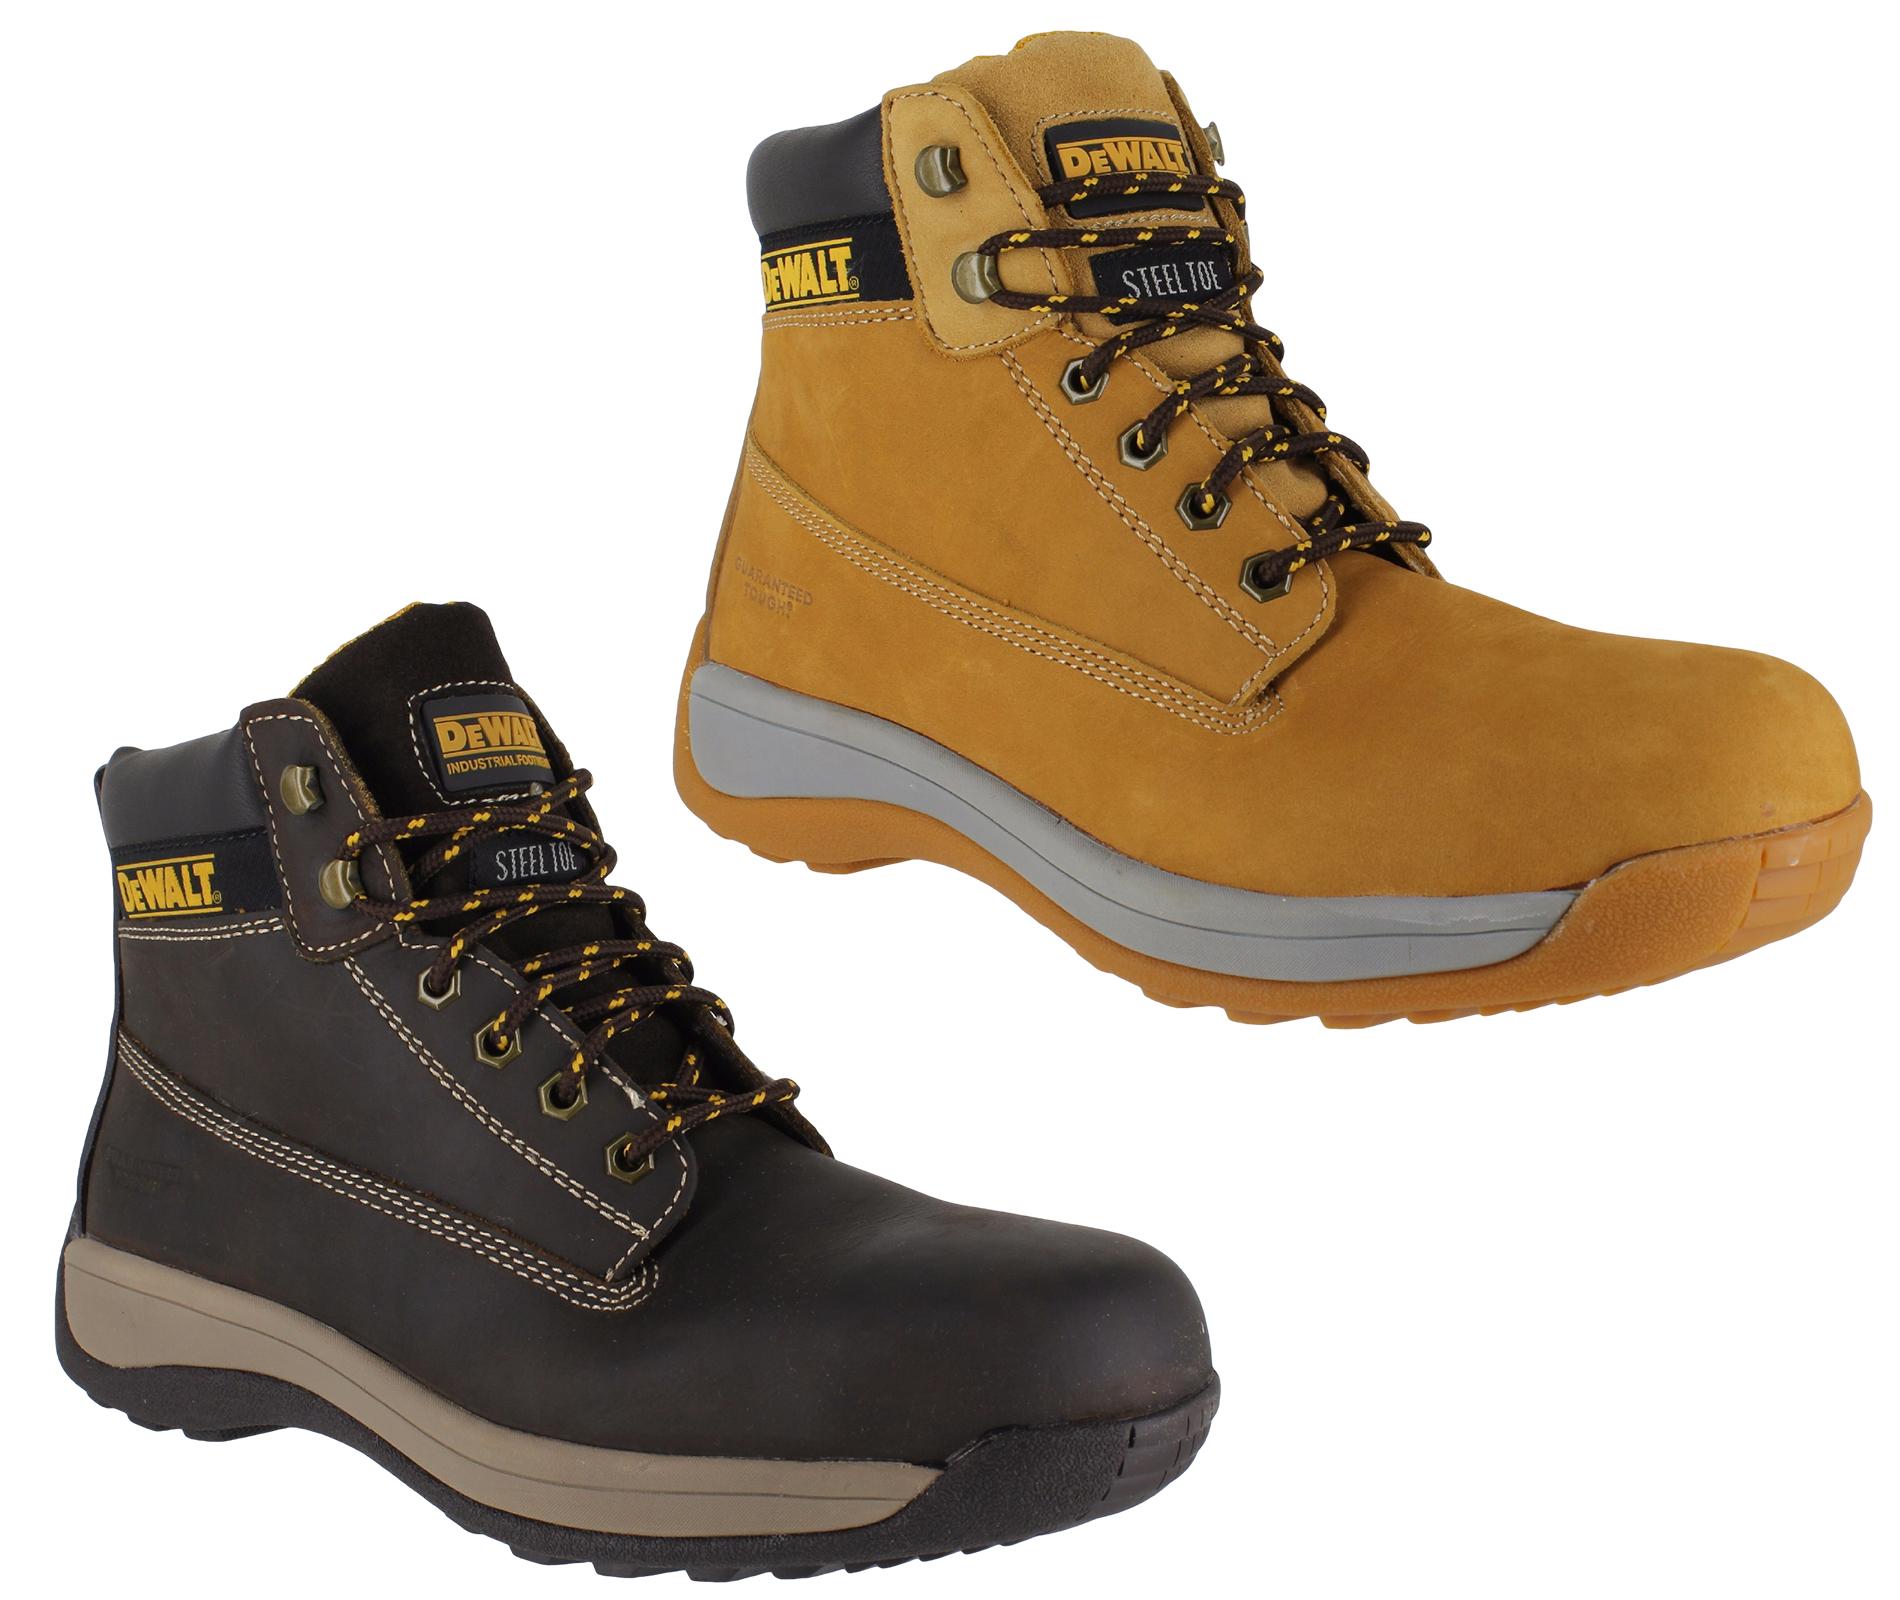 DeWalt Apprentice - Mens Safety Boots